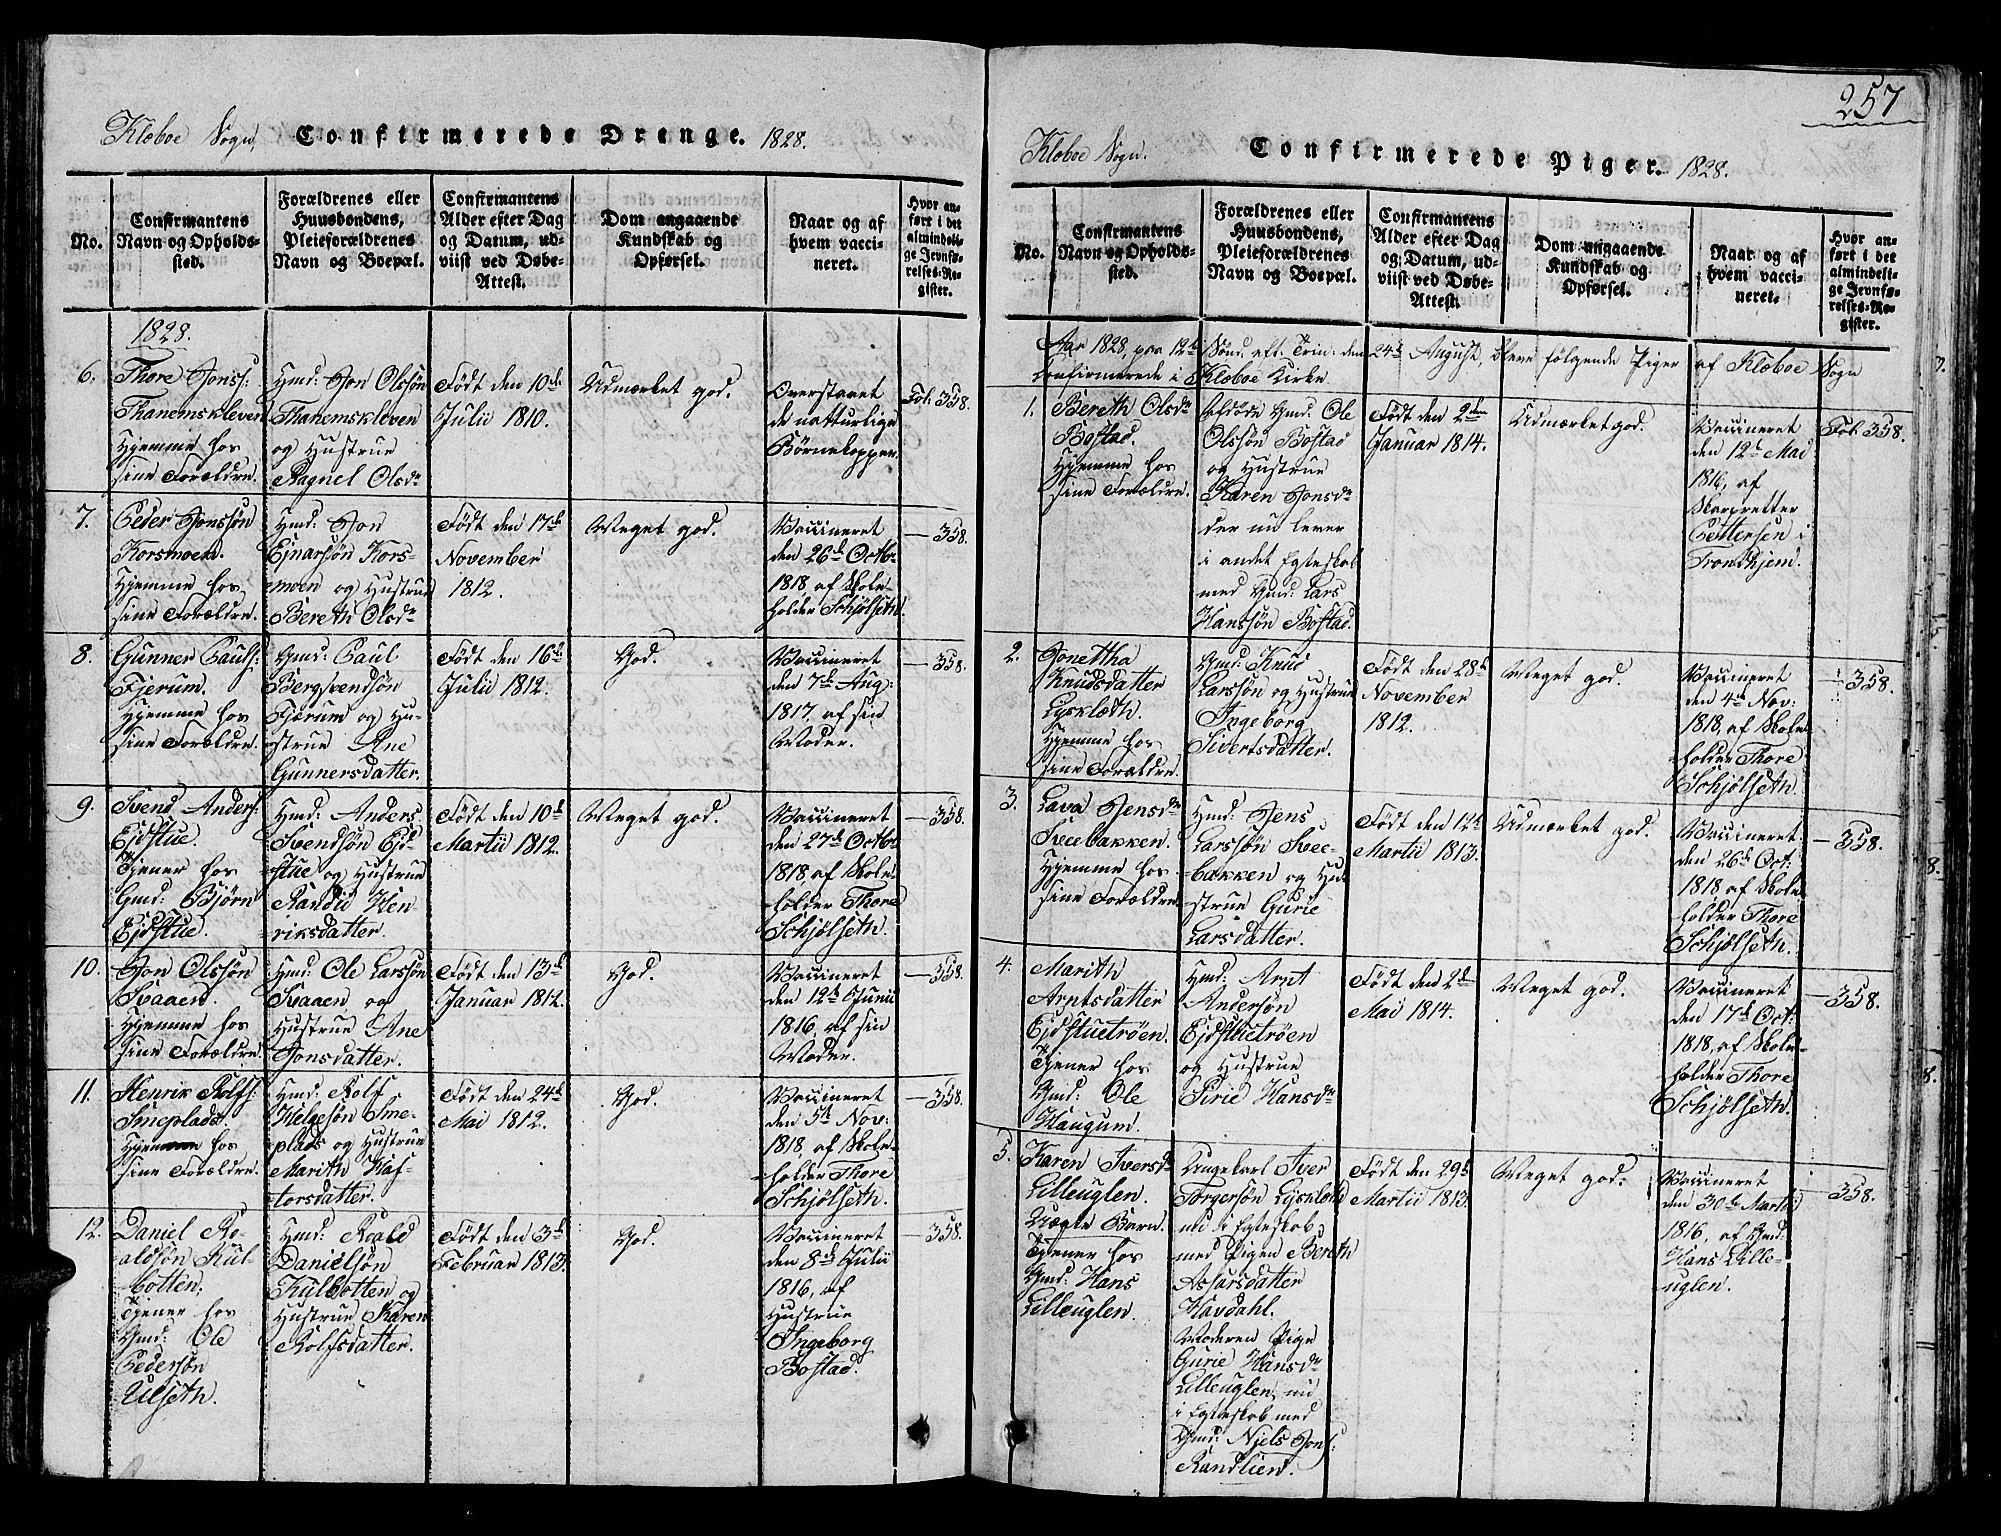 SAT, Ministerialprotokoller, klokkerbøker og fødselsregistre - Sør-Trøndelag, 618/L0450: Klokkerbok nr. 618C01, 1816-1865, s. 257